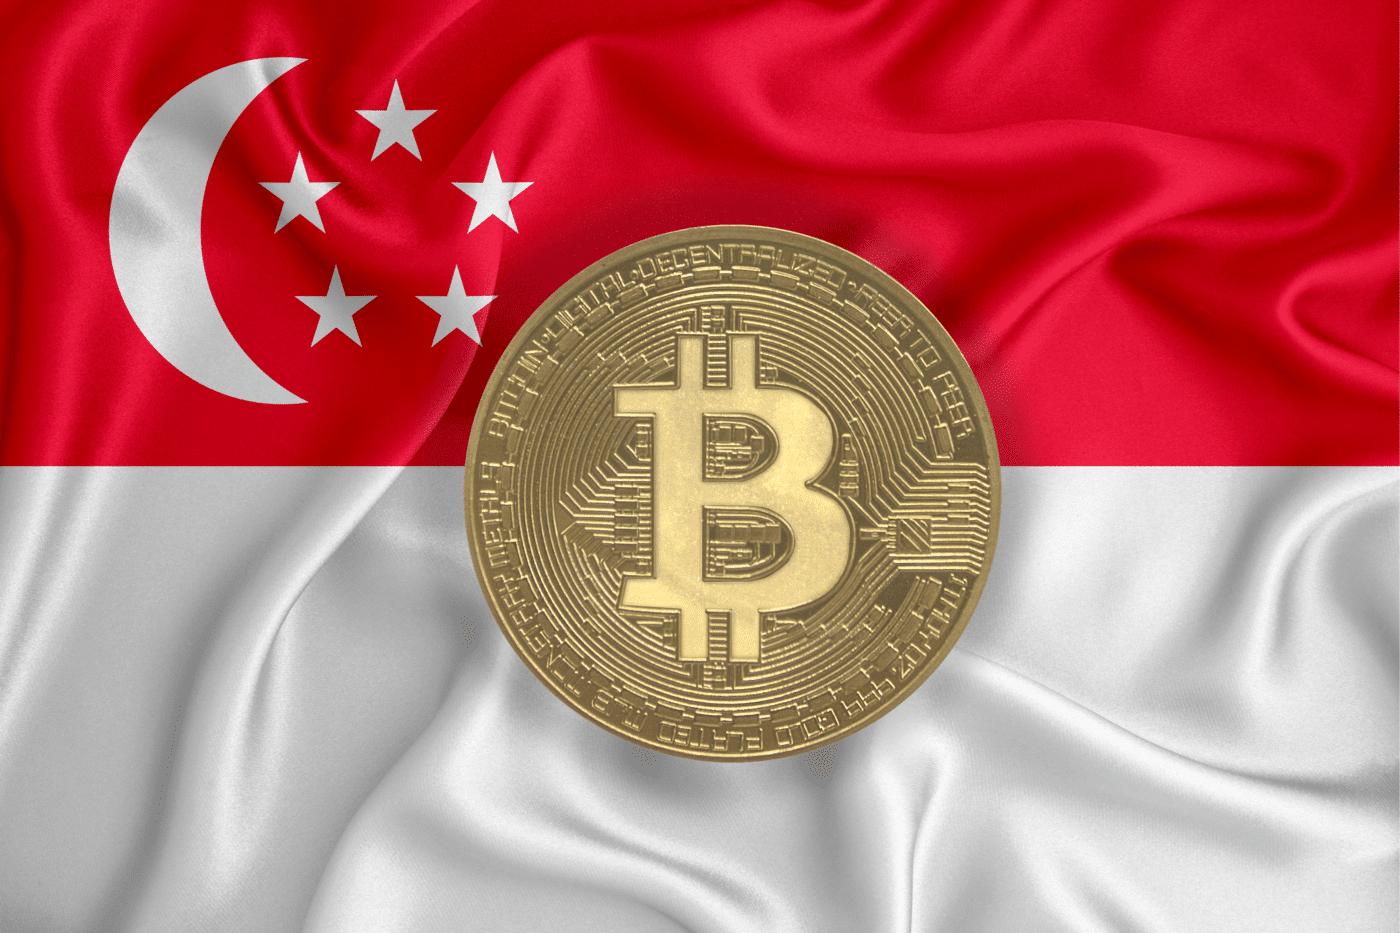 A Singapore il 35% dei cittadini è proprietario di Bitcoin